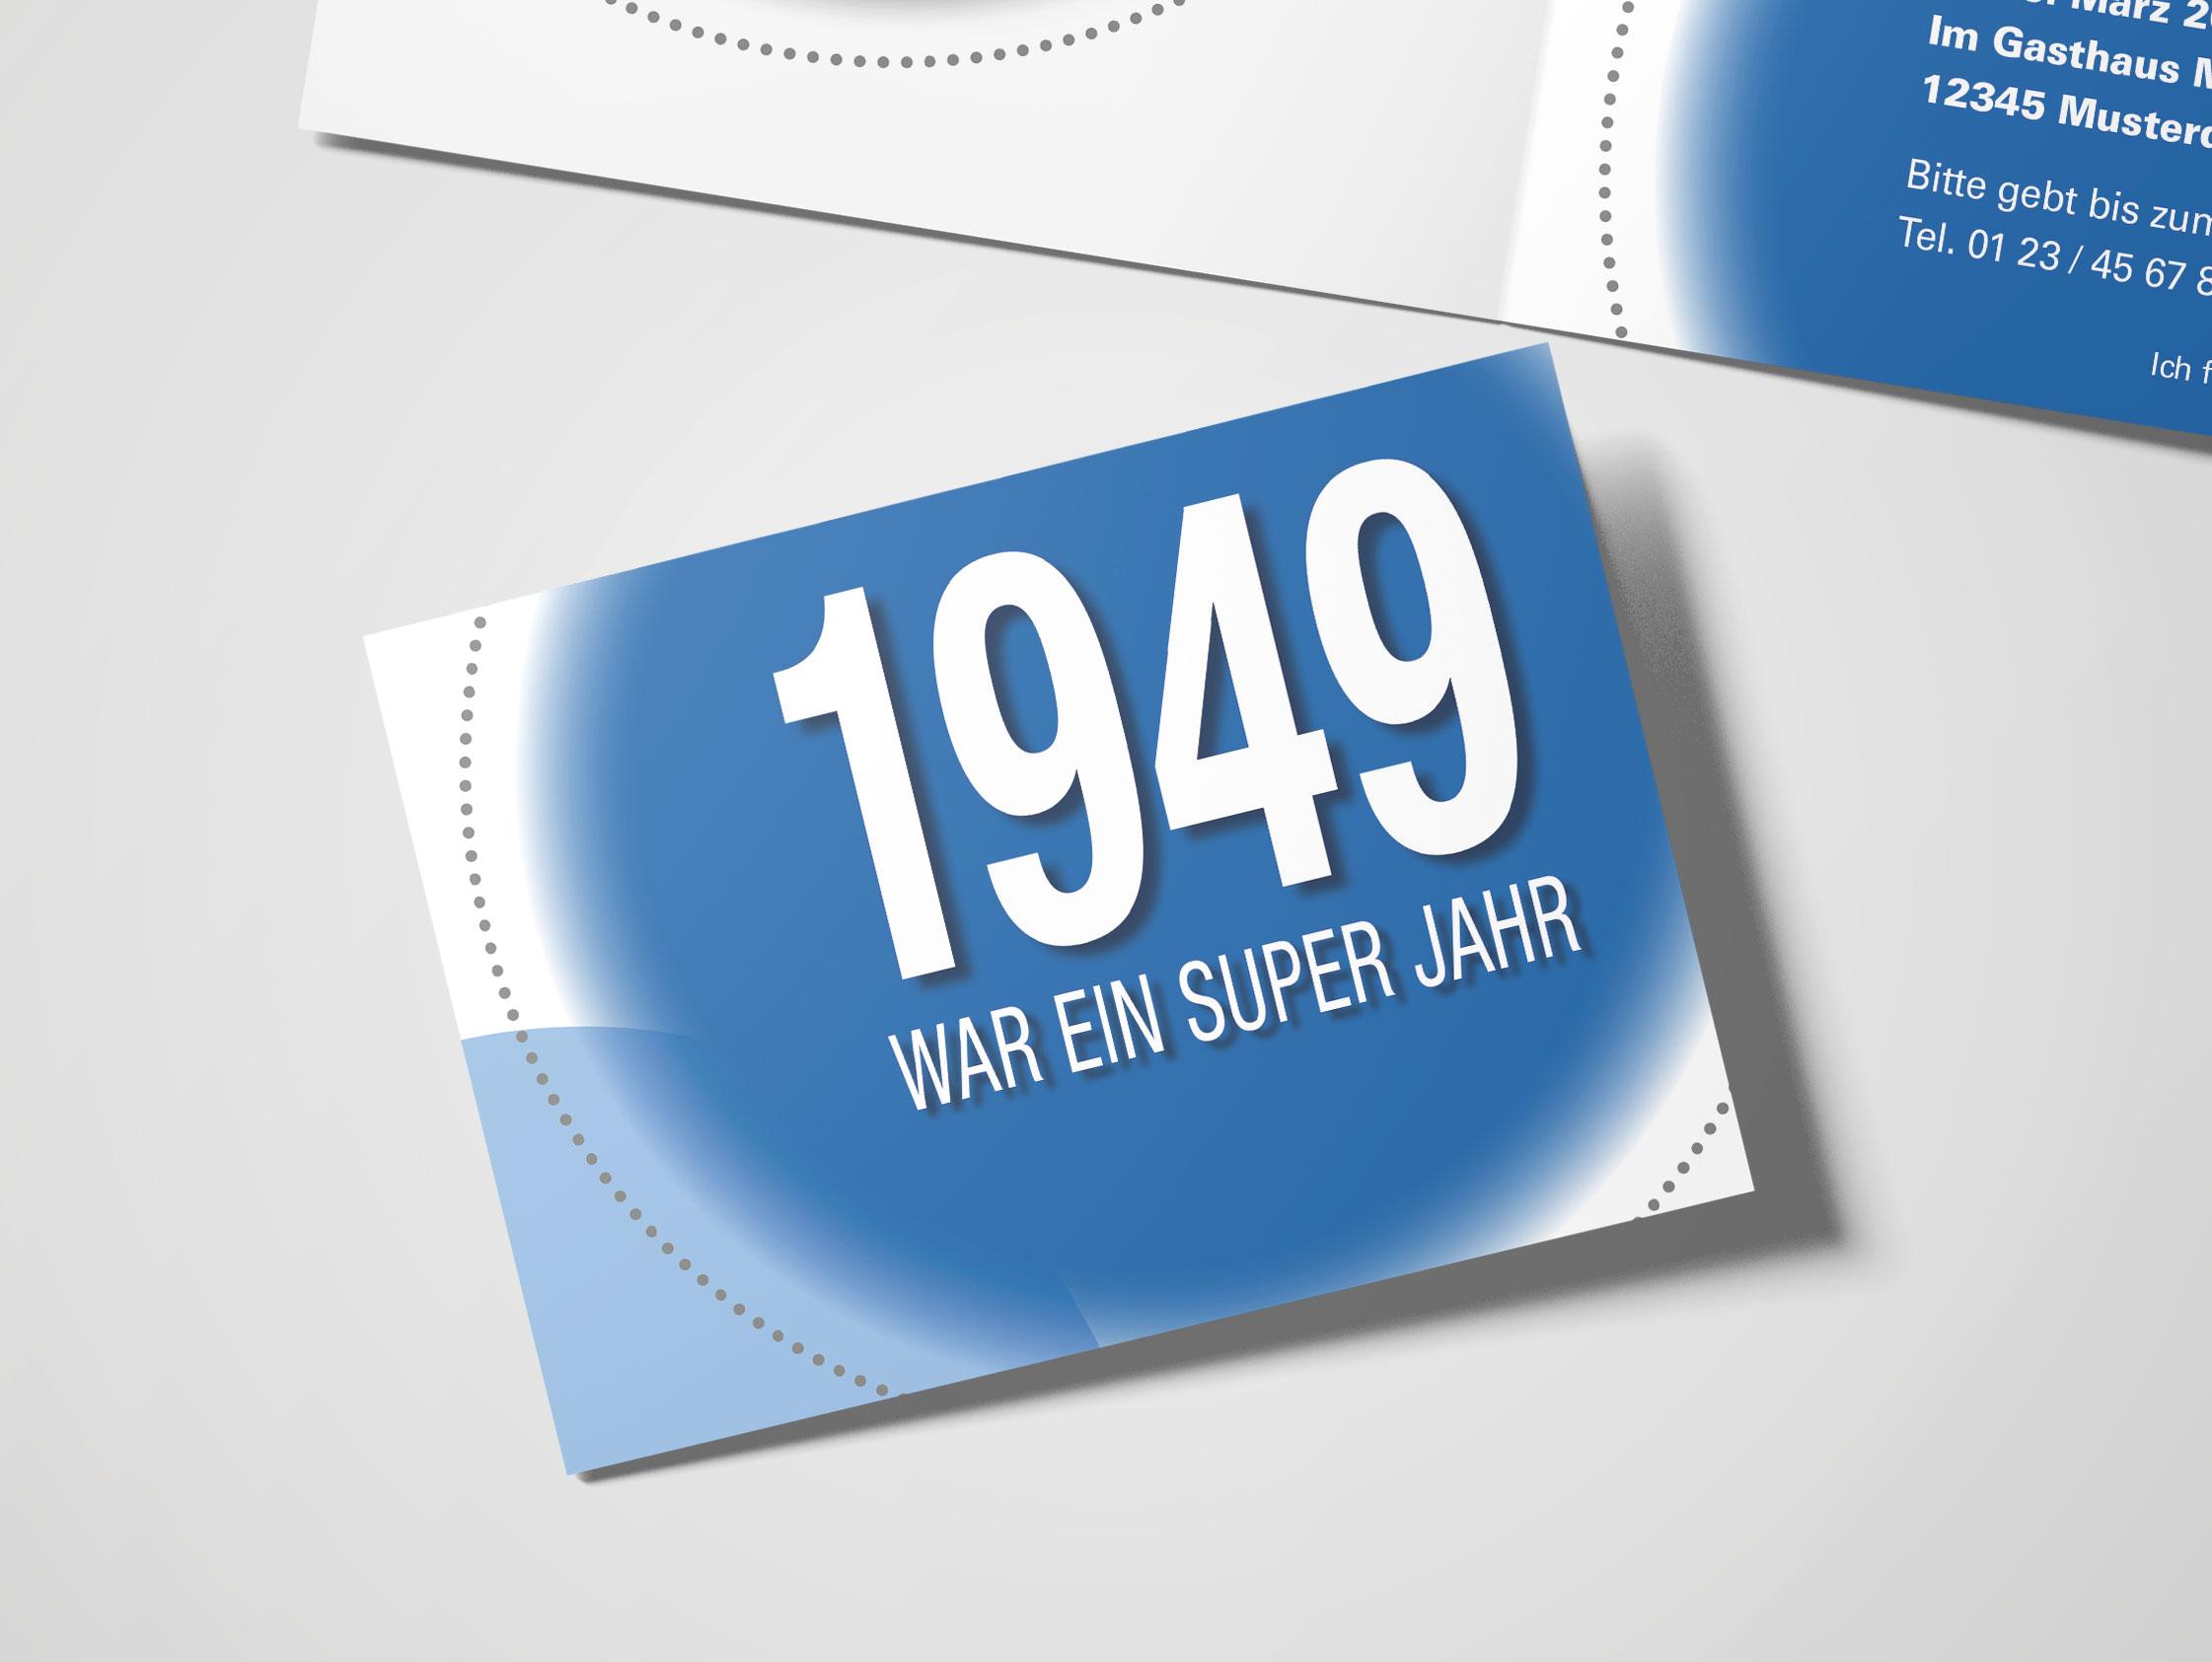 geburtstag einladungskarten - 70. geburtstag super jahr